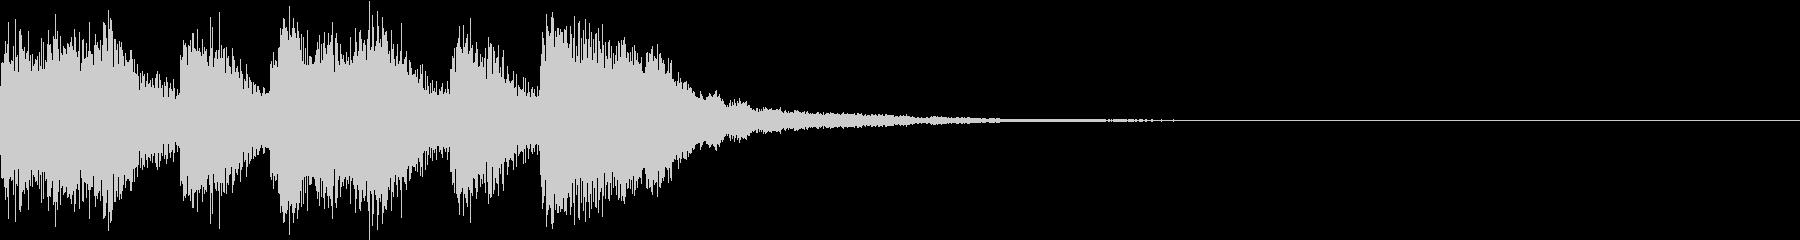 ファンファーレ アイテム レベルアップEの未再生の波形